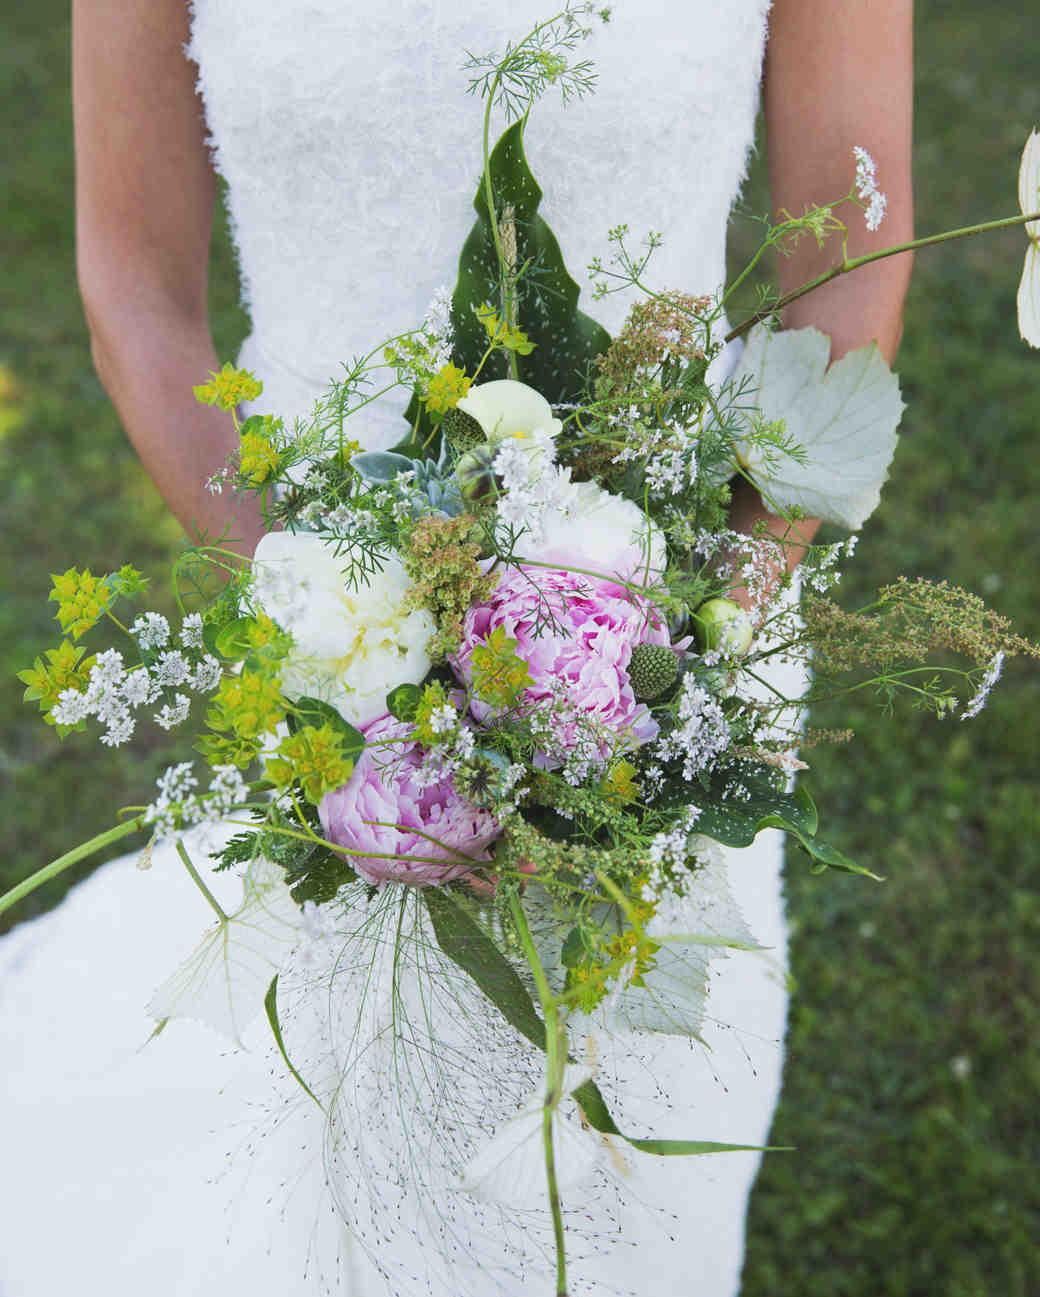 lilly-carter-wedding-bouquet-00220-s112037-0715.jpg